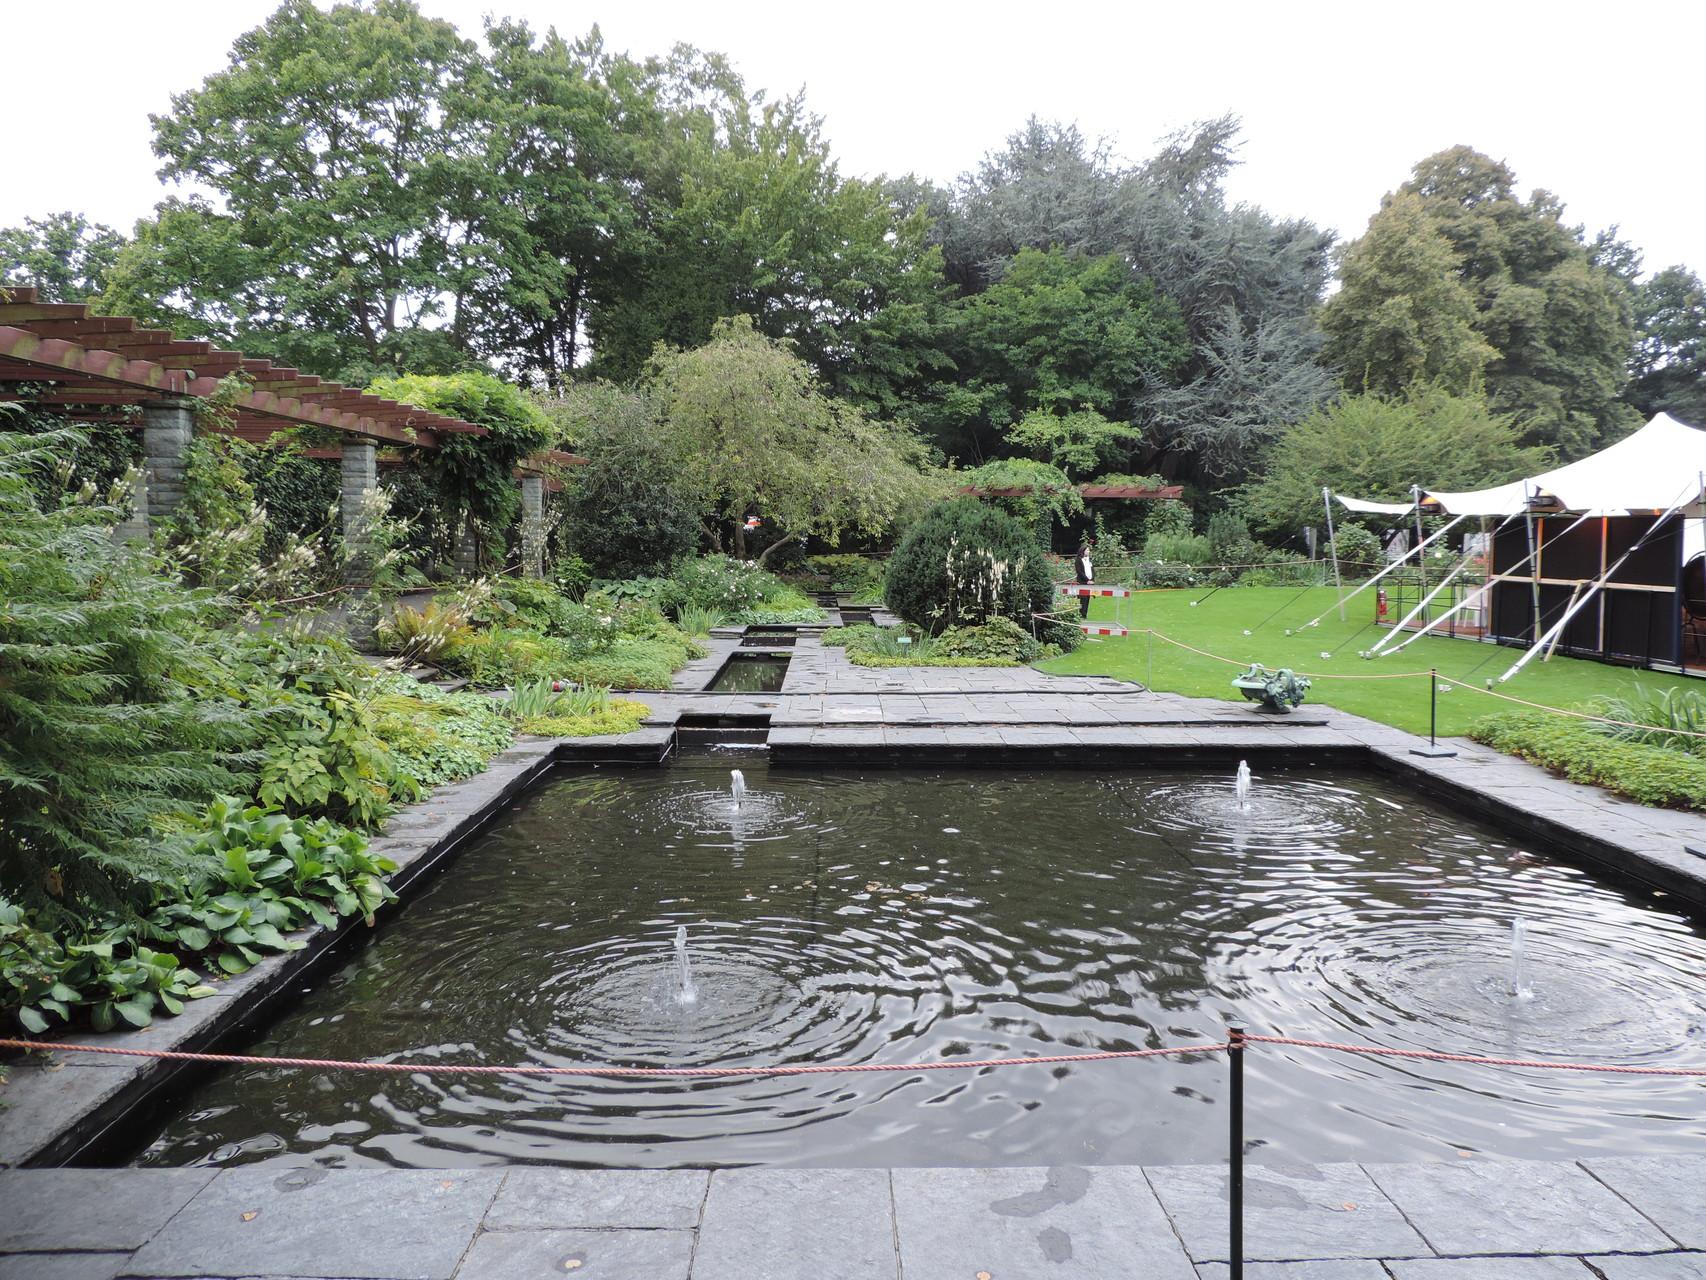 Ein Aspekt, um die Laufbahn des Bundespräsidenten zu einzuschlagen: Er hat einen riesigen Garten, der ganz nett gestaltet ist :P